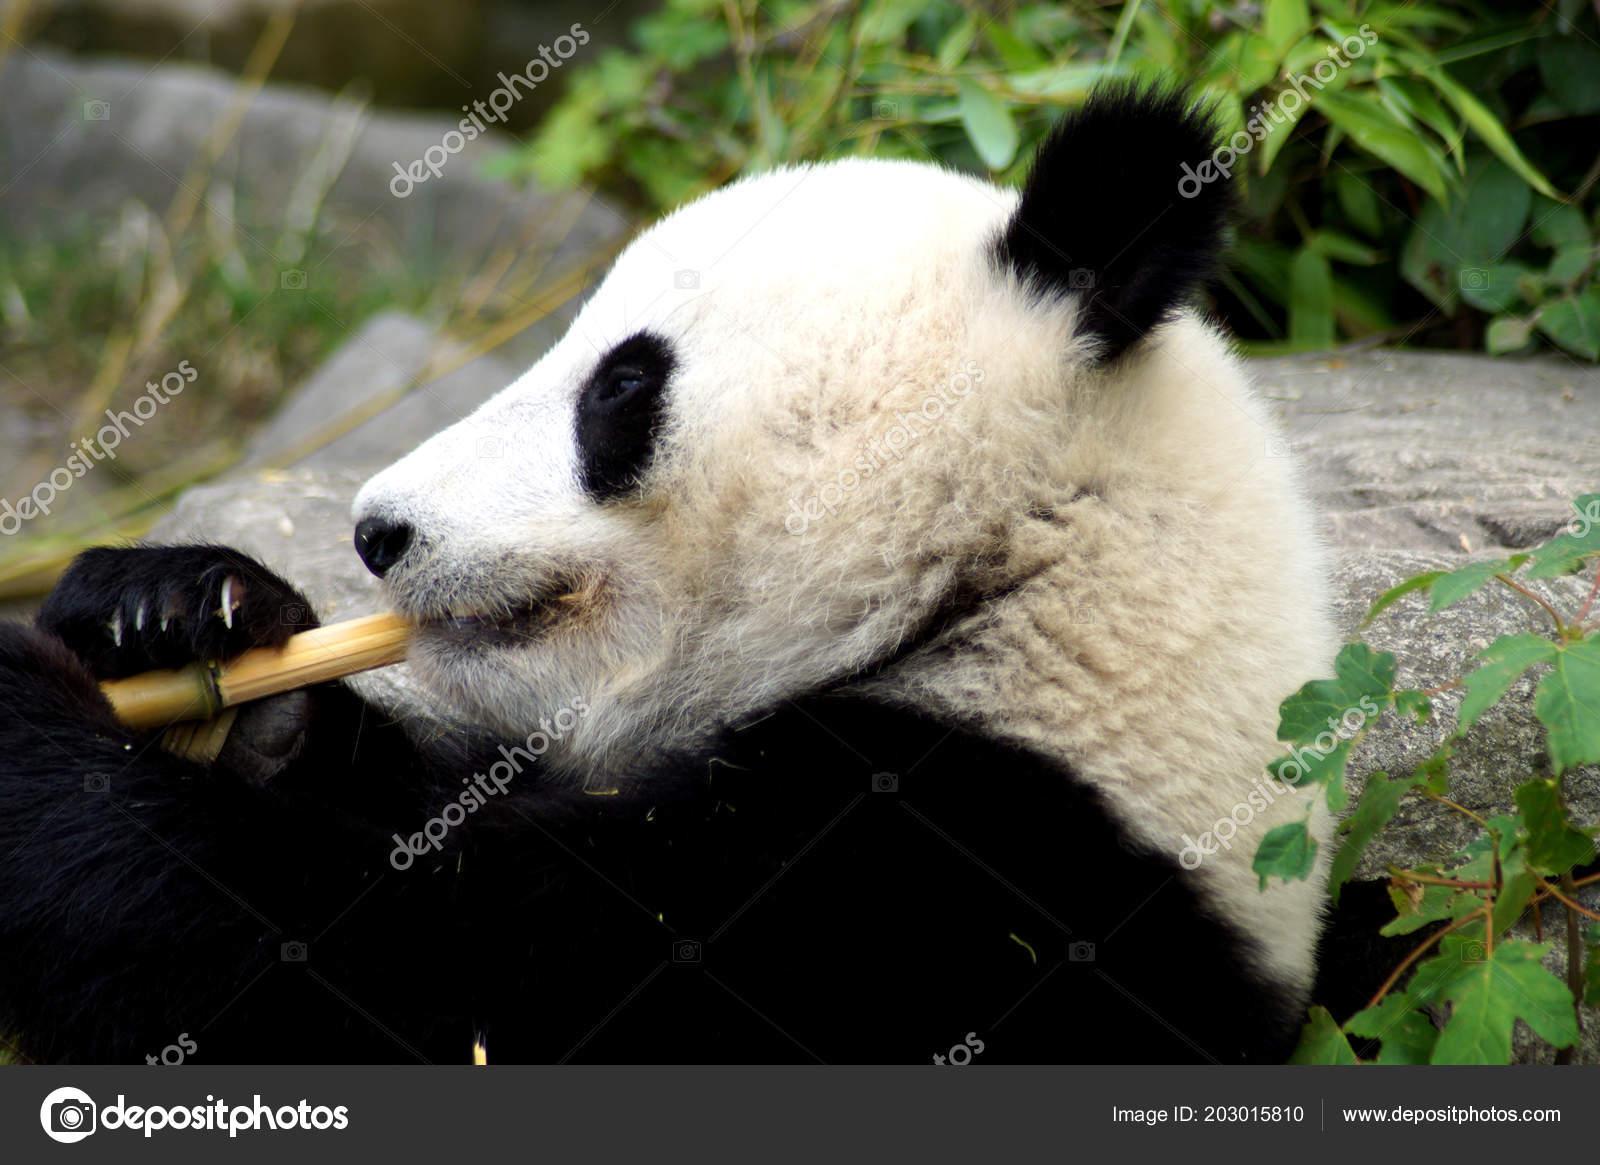 Groer Pandabr Beim Bambus Essen Stock Photo C Spiderwoman81 203015810